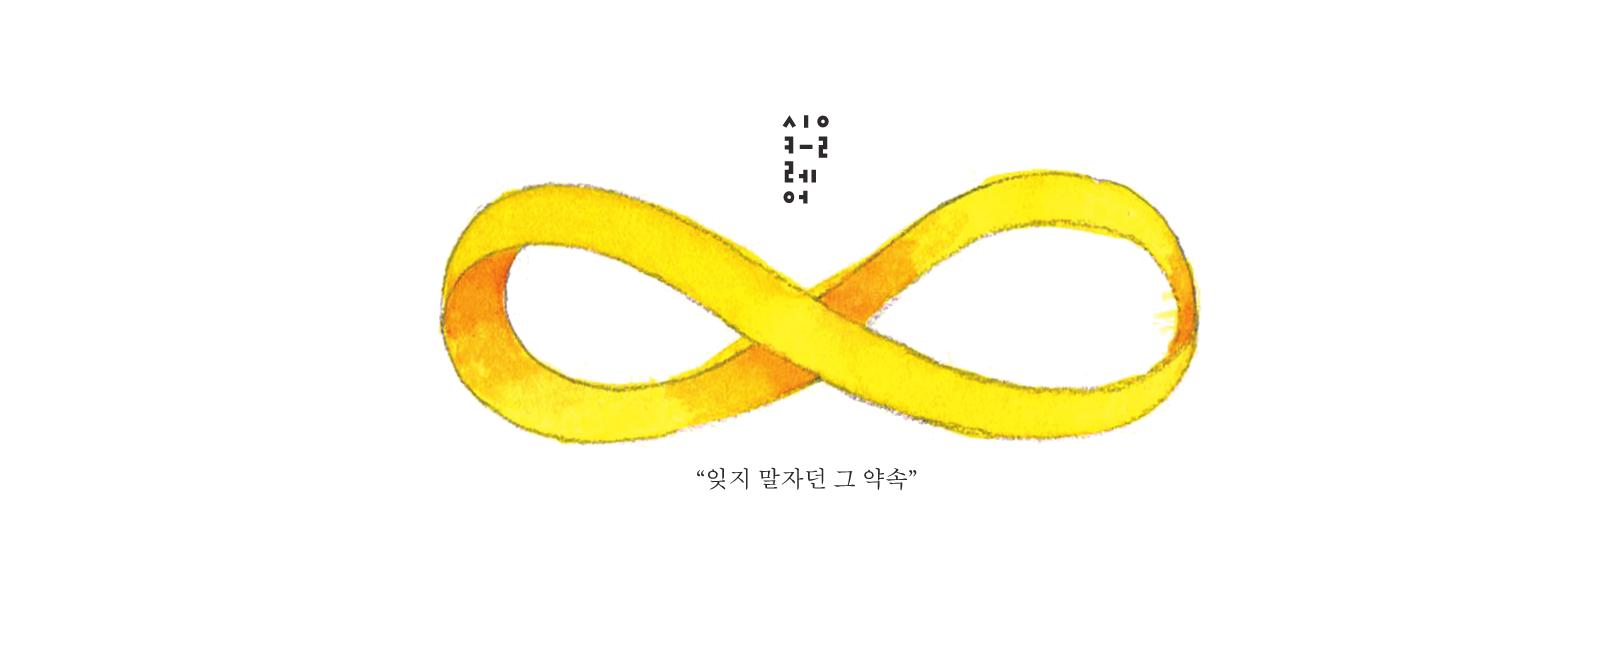 월간 싱클레어, 세월호 특별판 무료 공개